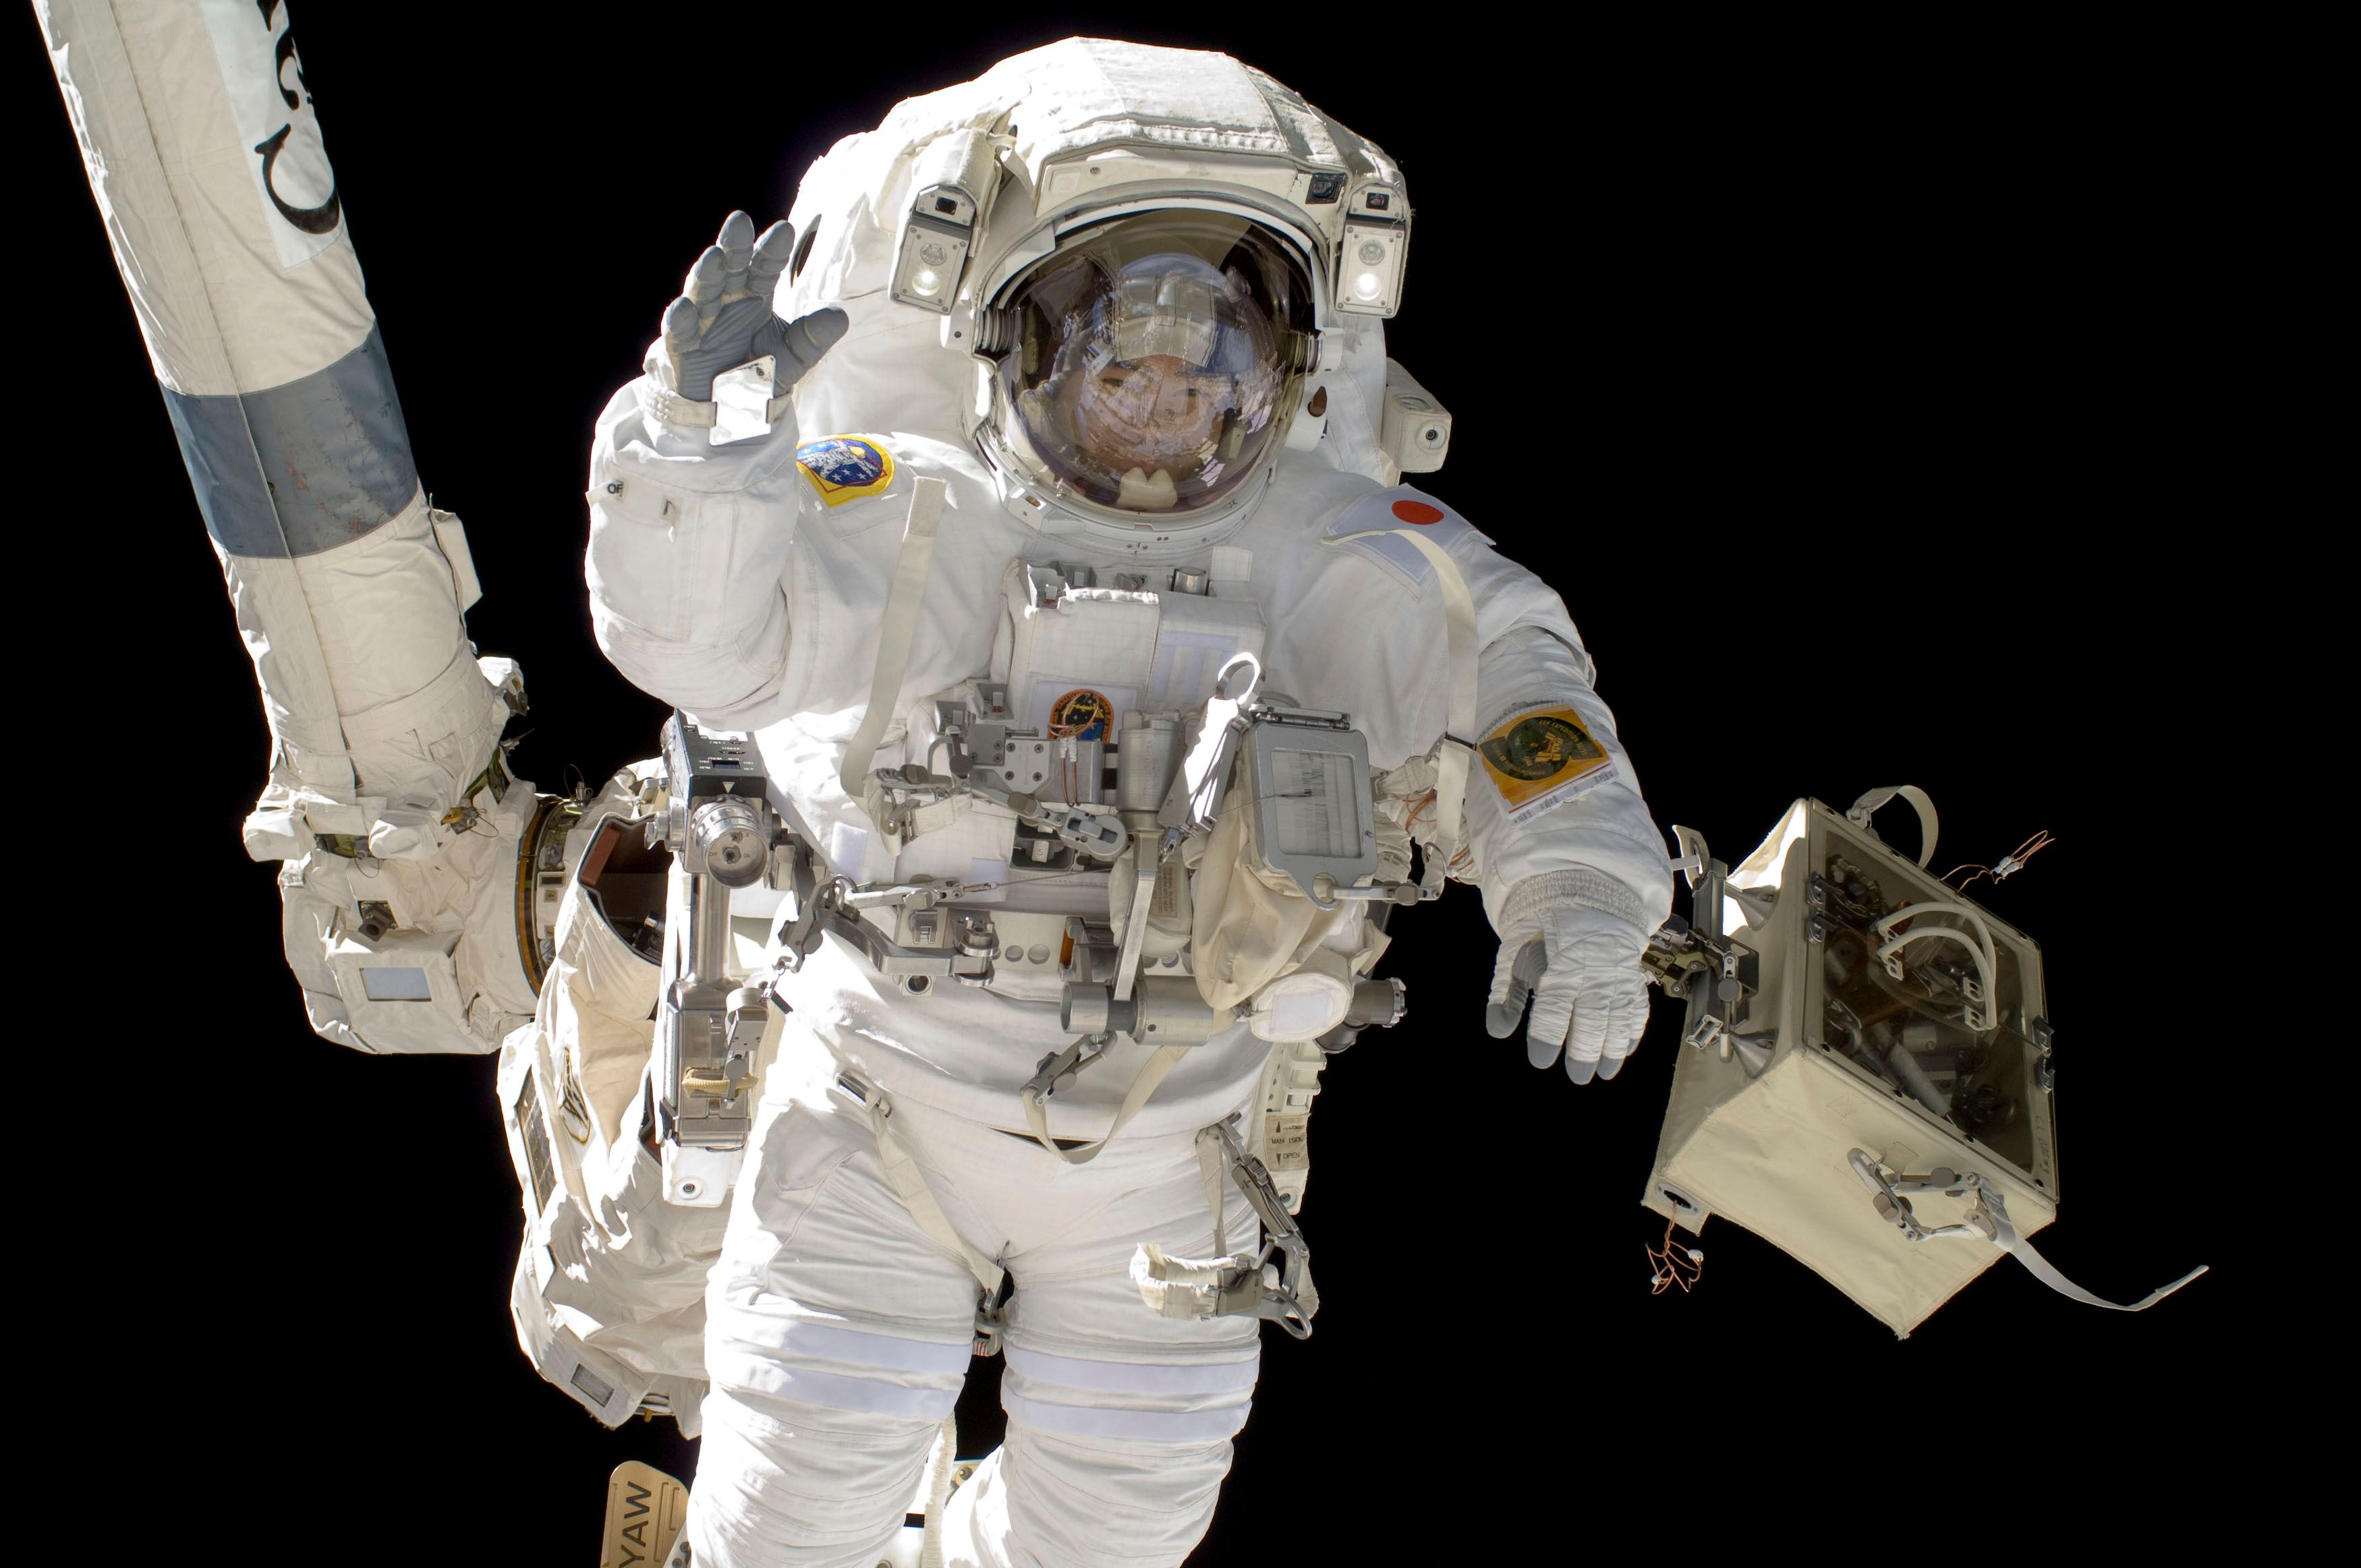 Les astronautes de la station spatiale internationale en seront-ils réduits à  la débrouille suite à l'échec de la mission qui devait les approvisionner ?